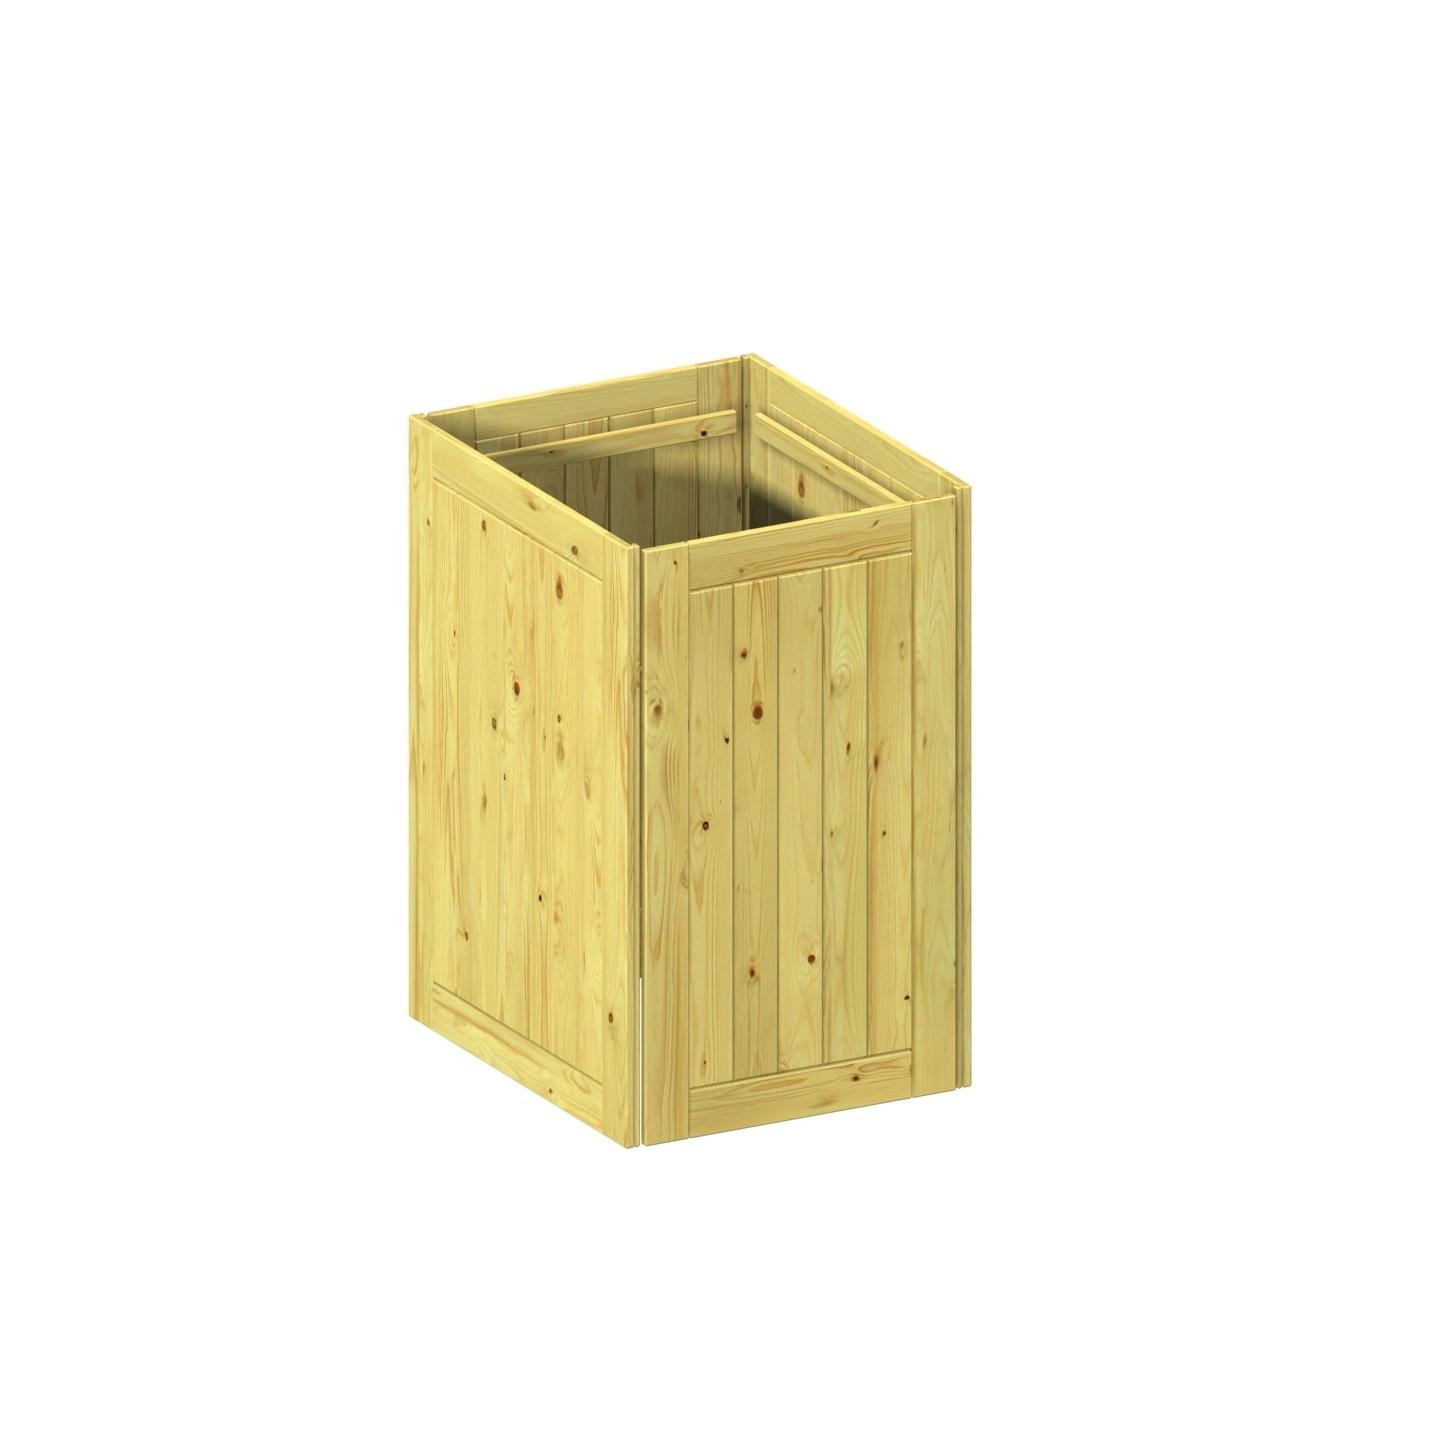 binto m lltonnenbox einzelkomponente grundverkleidung holz. Black Bedroom Furniture Sets. Home Design Ideas